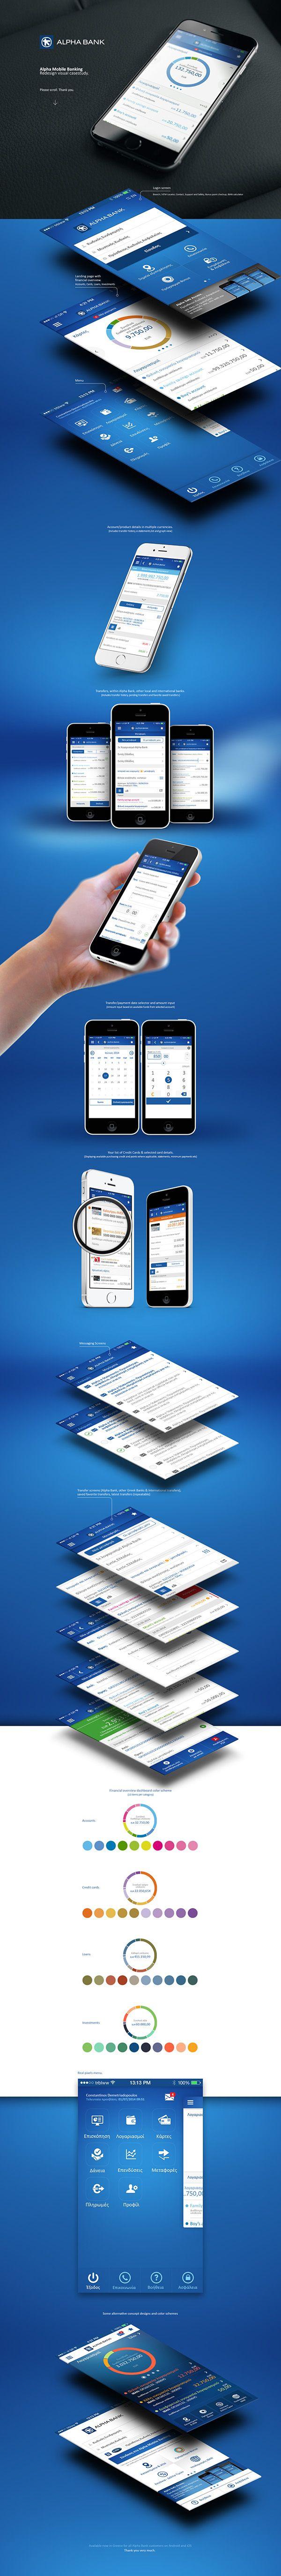 Alpha Mobile Banking. #MobileBanking #Banking #UI #UX #AlphaBank #App #Banking…